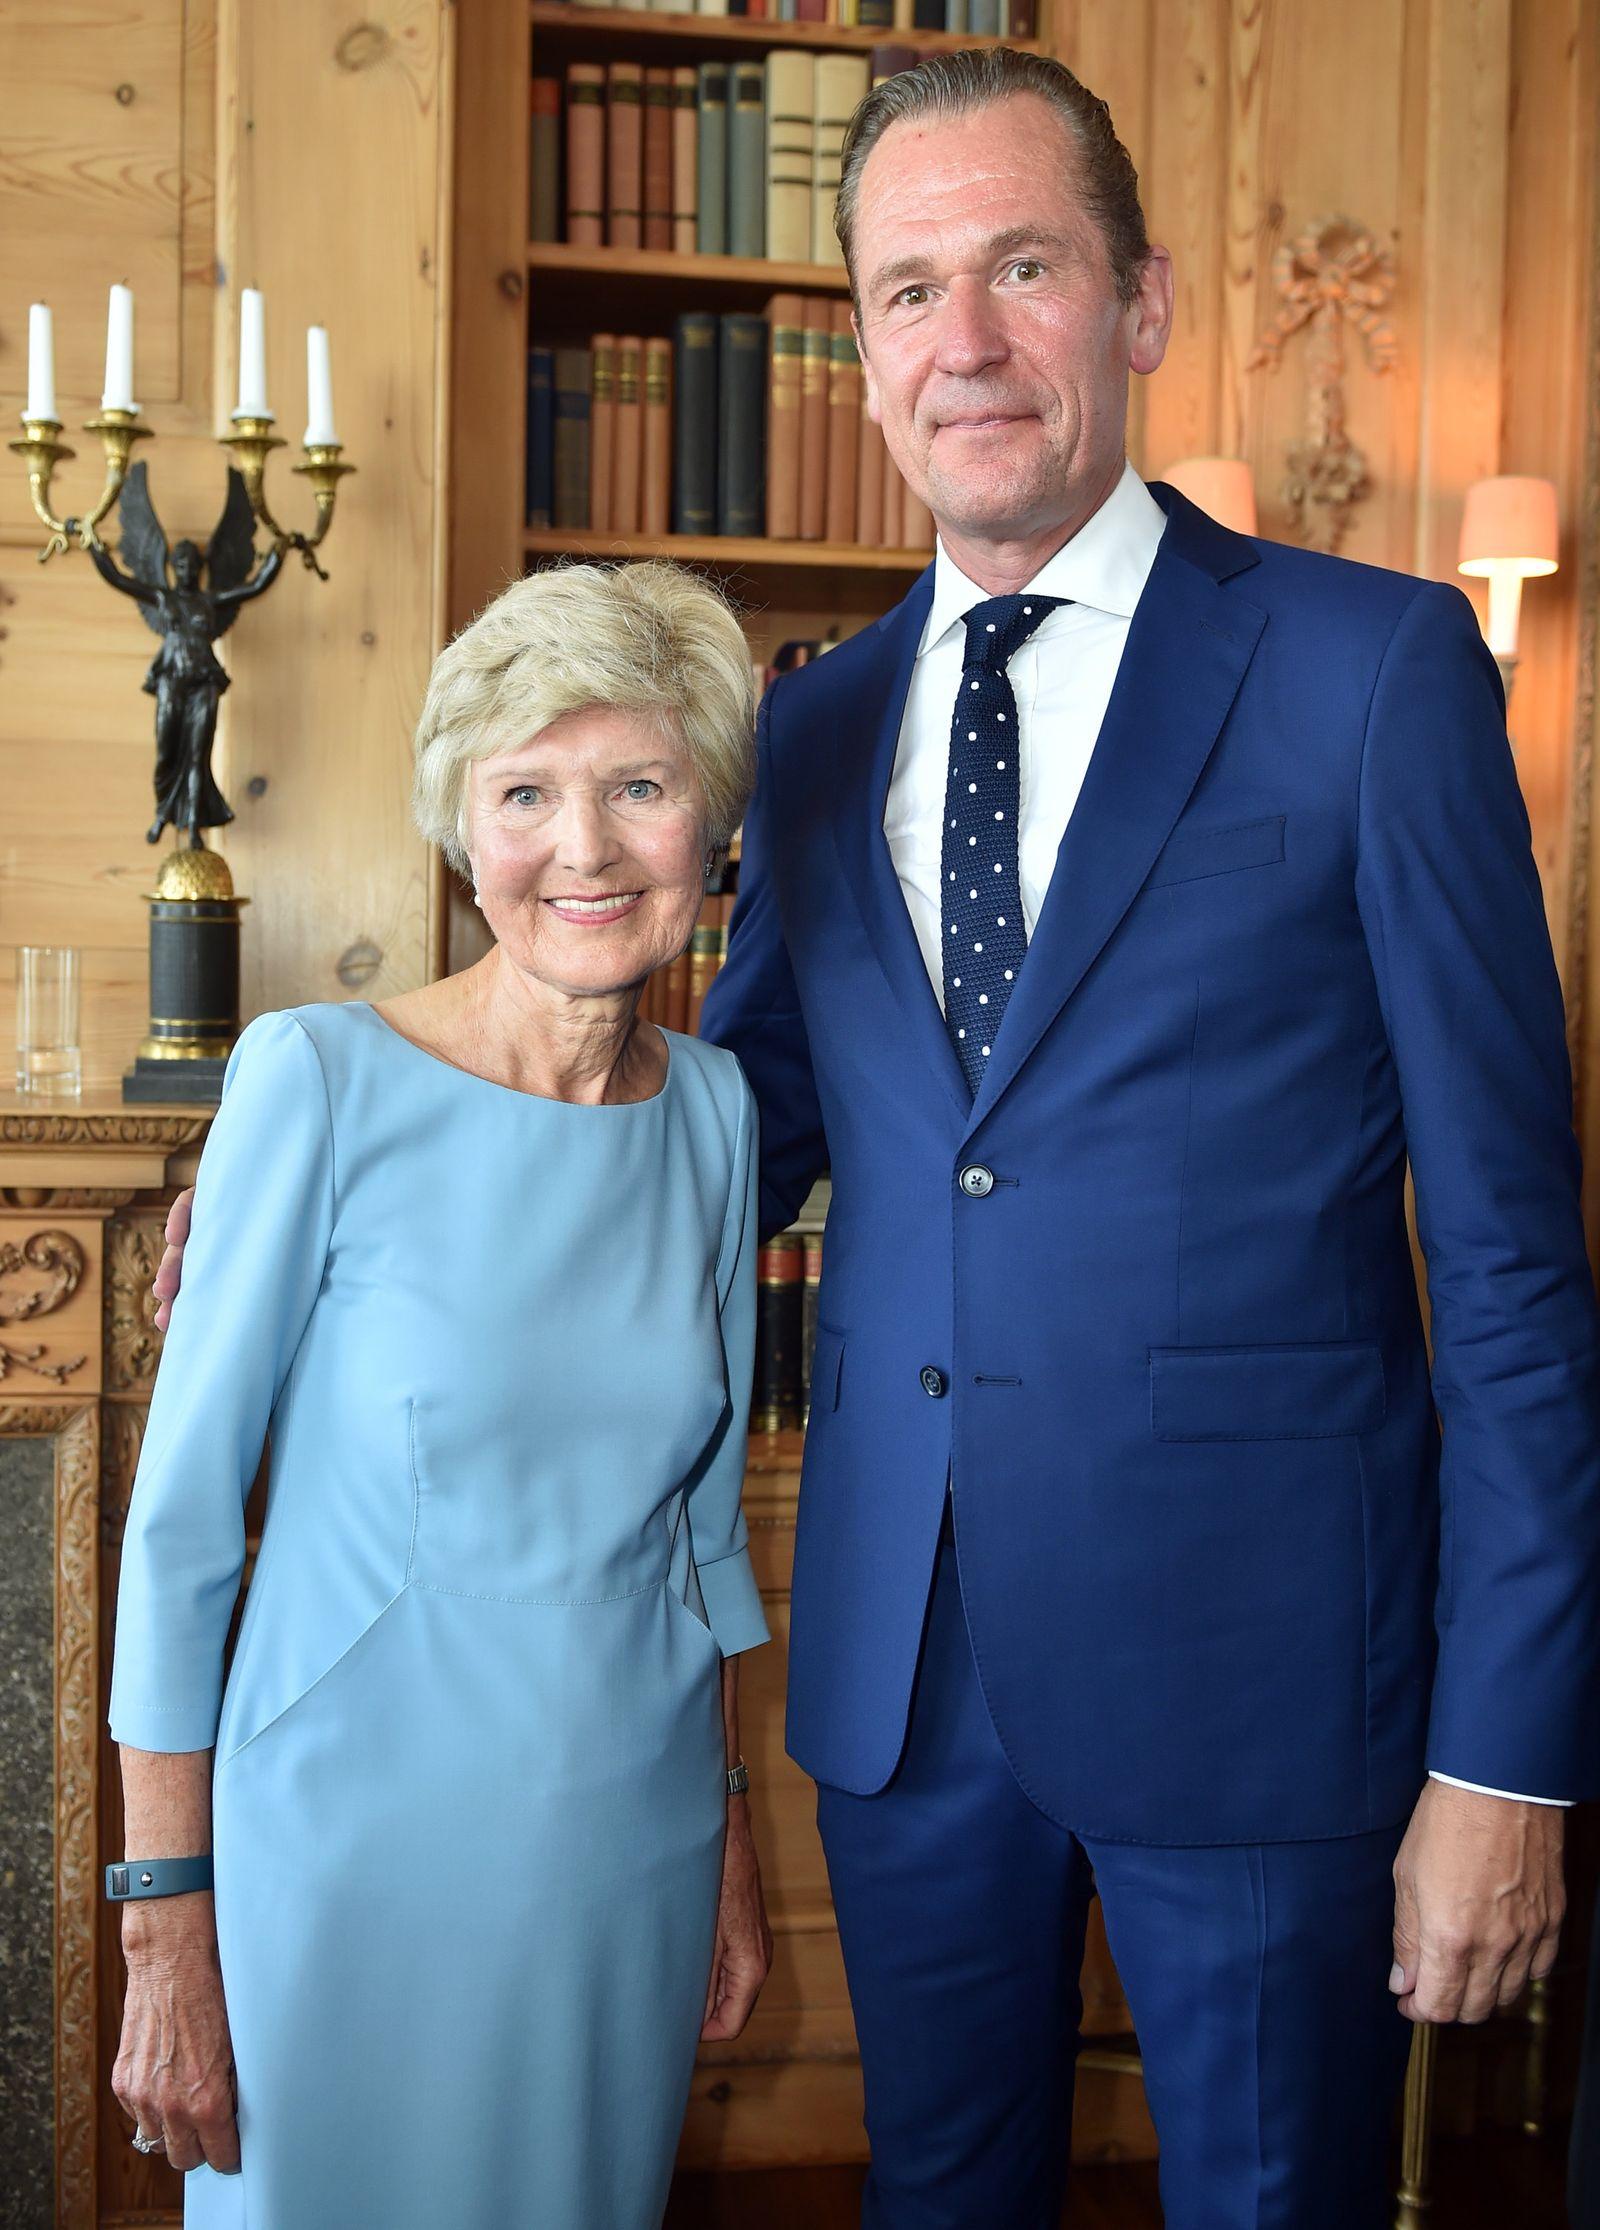 Friede Springer überlässt Döpfner Großteil ihrer Aktien am Konzer